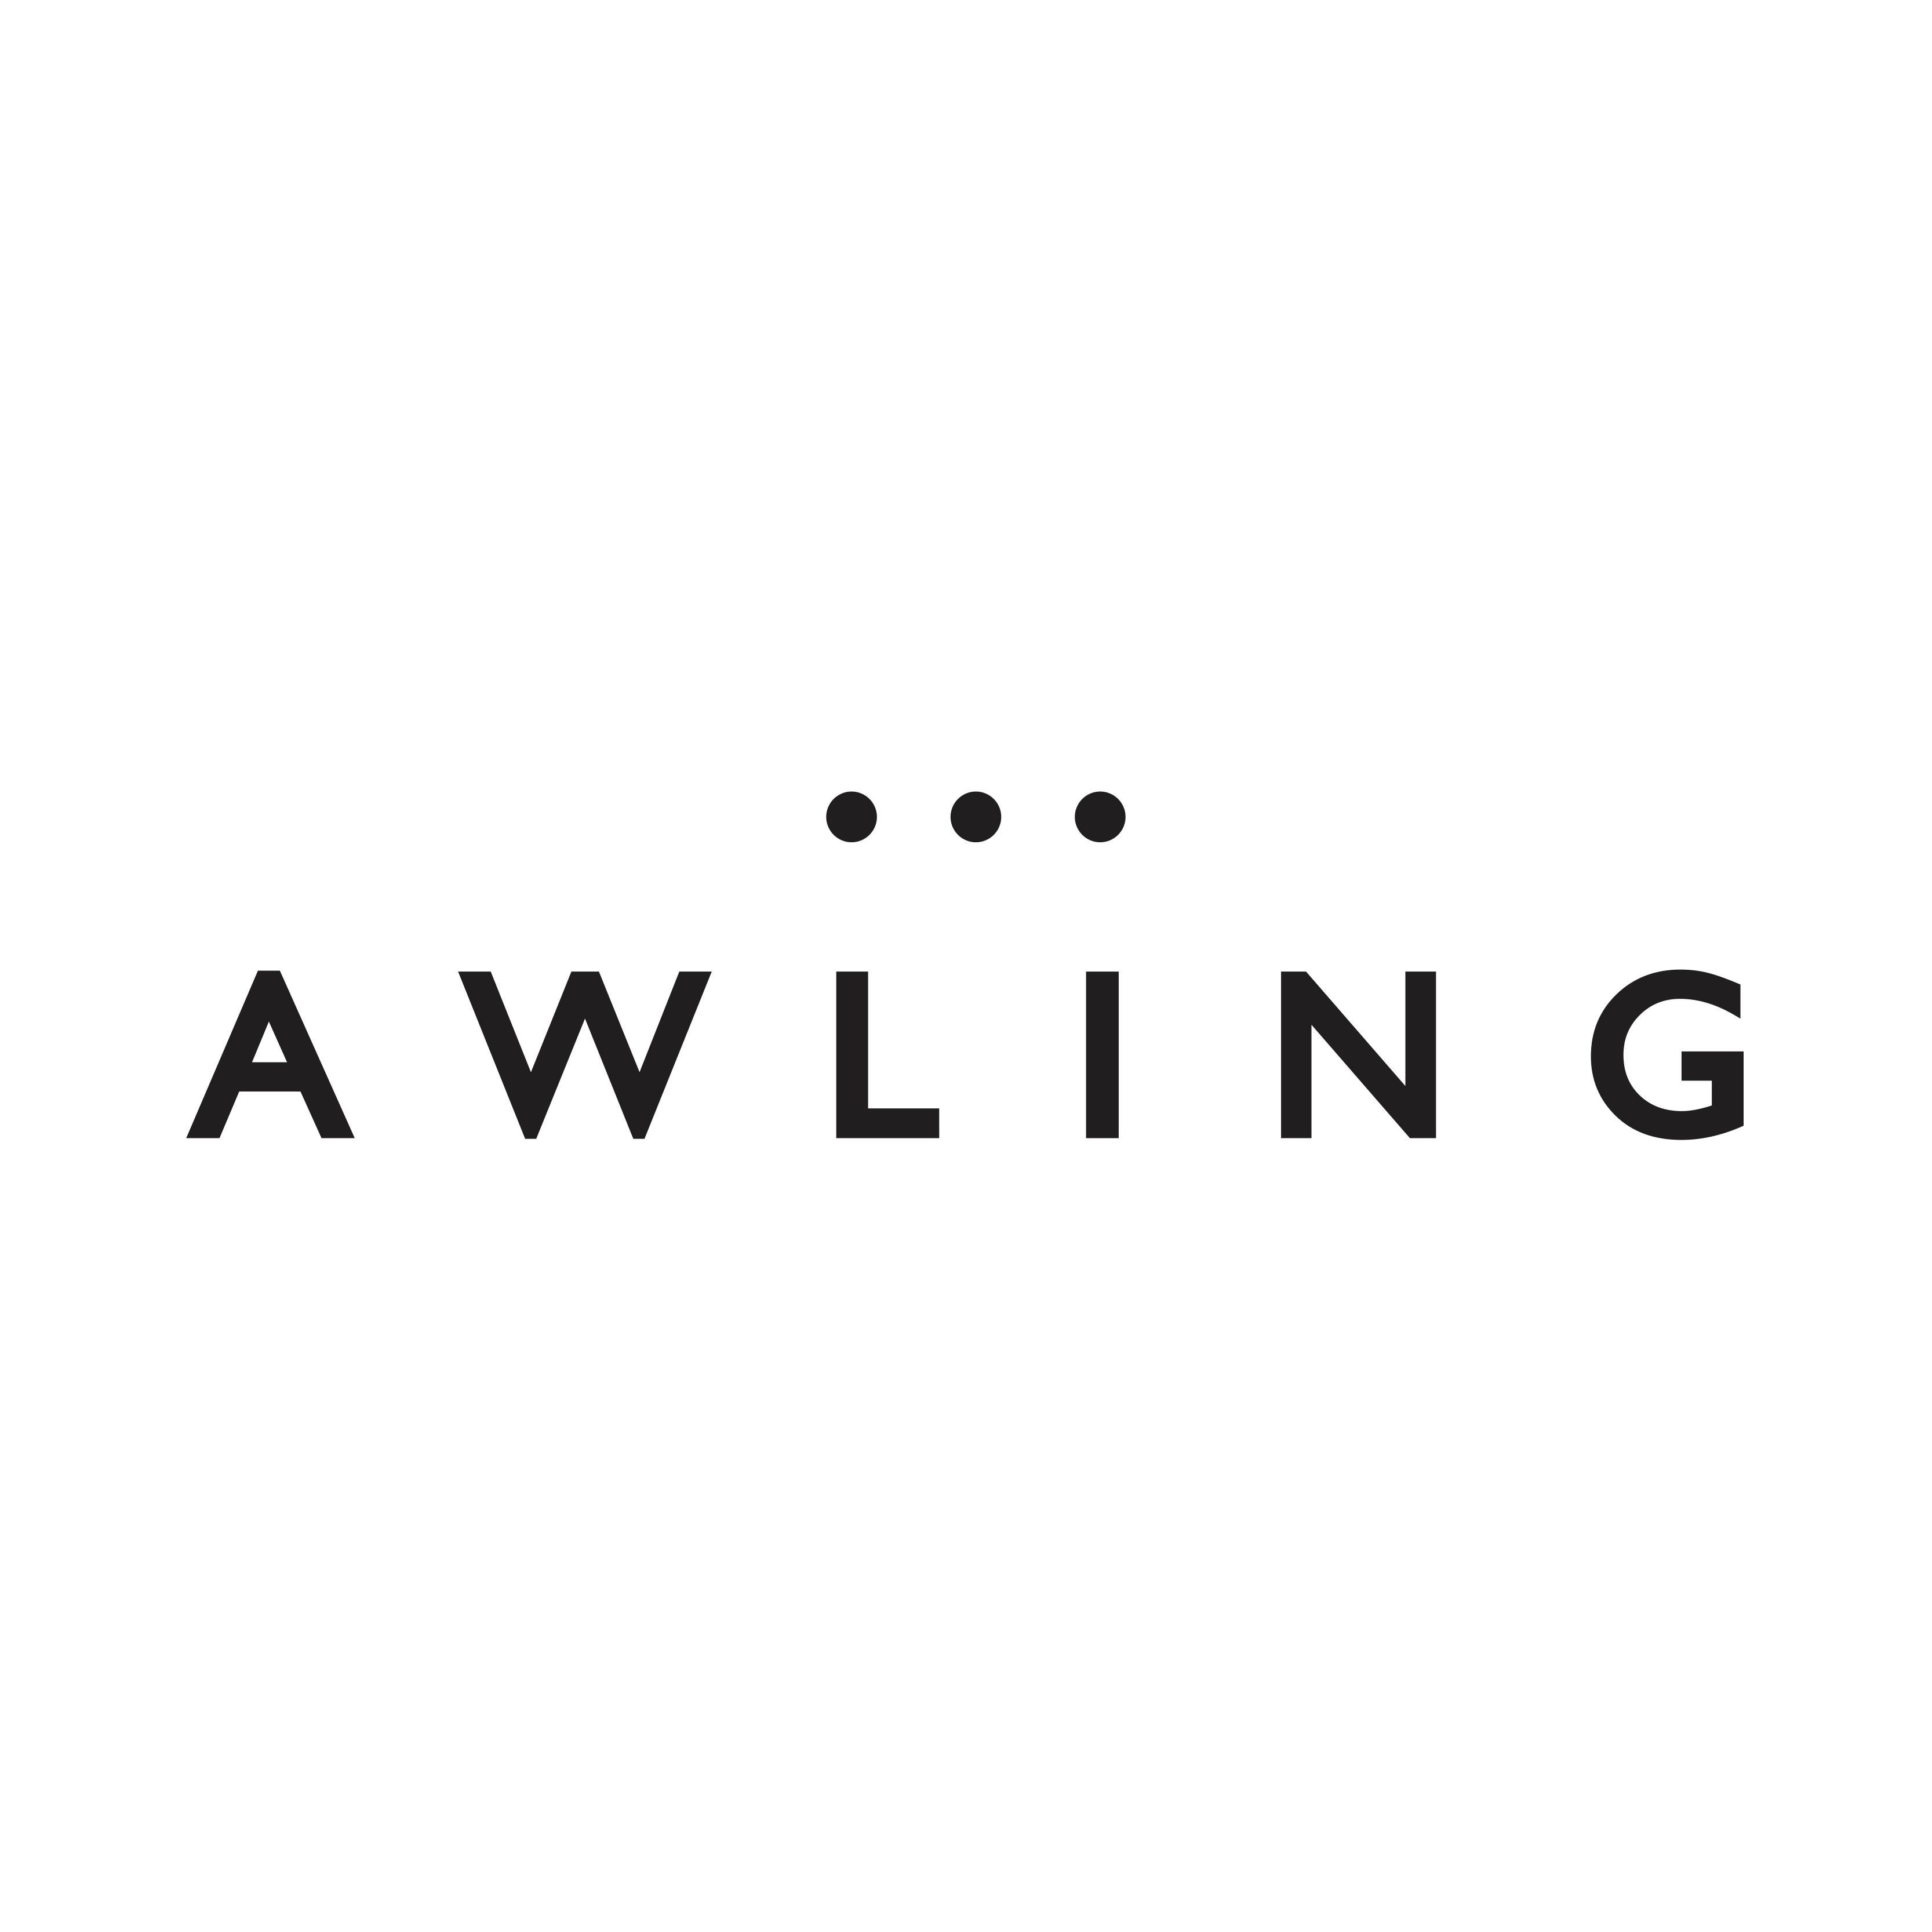 AWLING LOGO